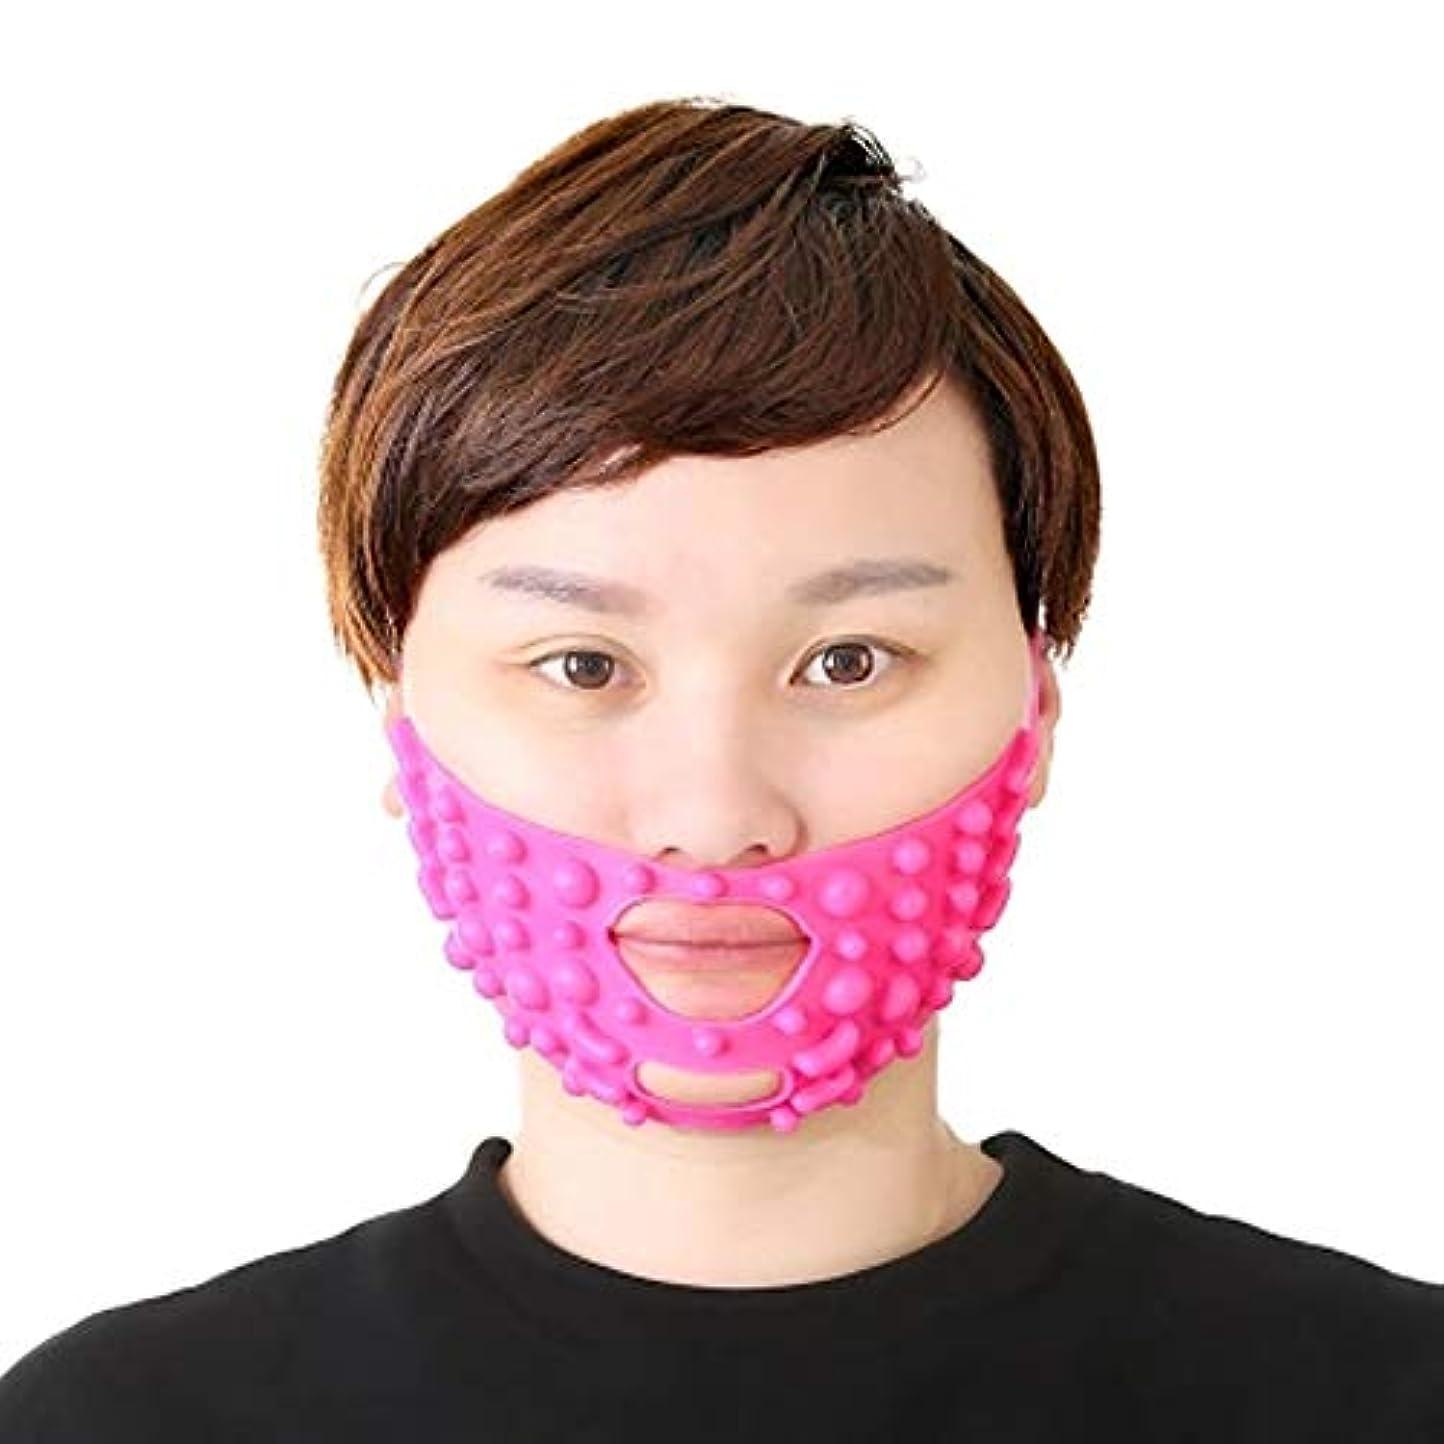 消費彼女の普及ダブルの顎のストラップ、顔のマッサージの包帯を持ち上げて持ち上げて小さなVフェイスのマスク薄い顔の人工物